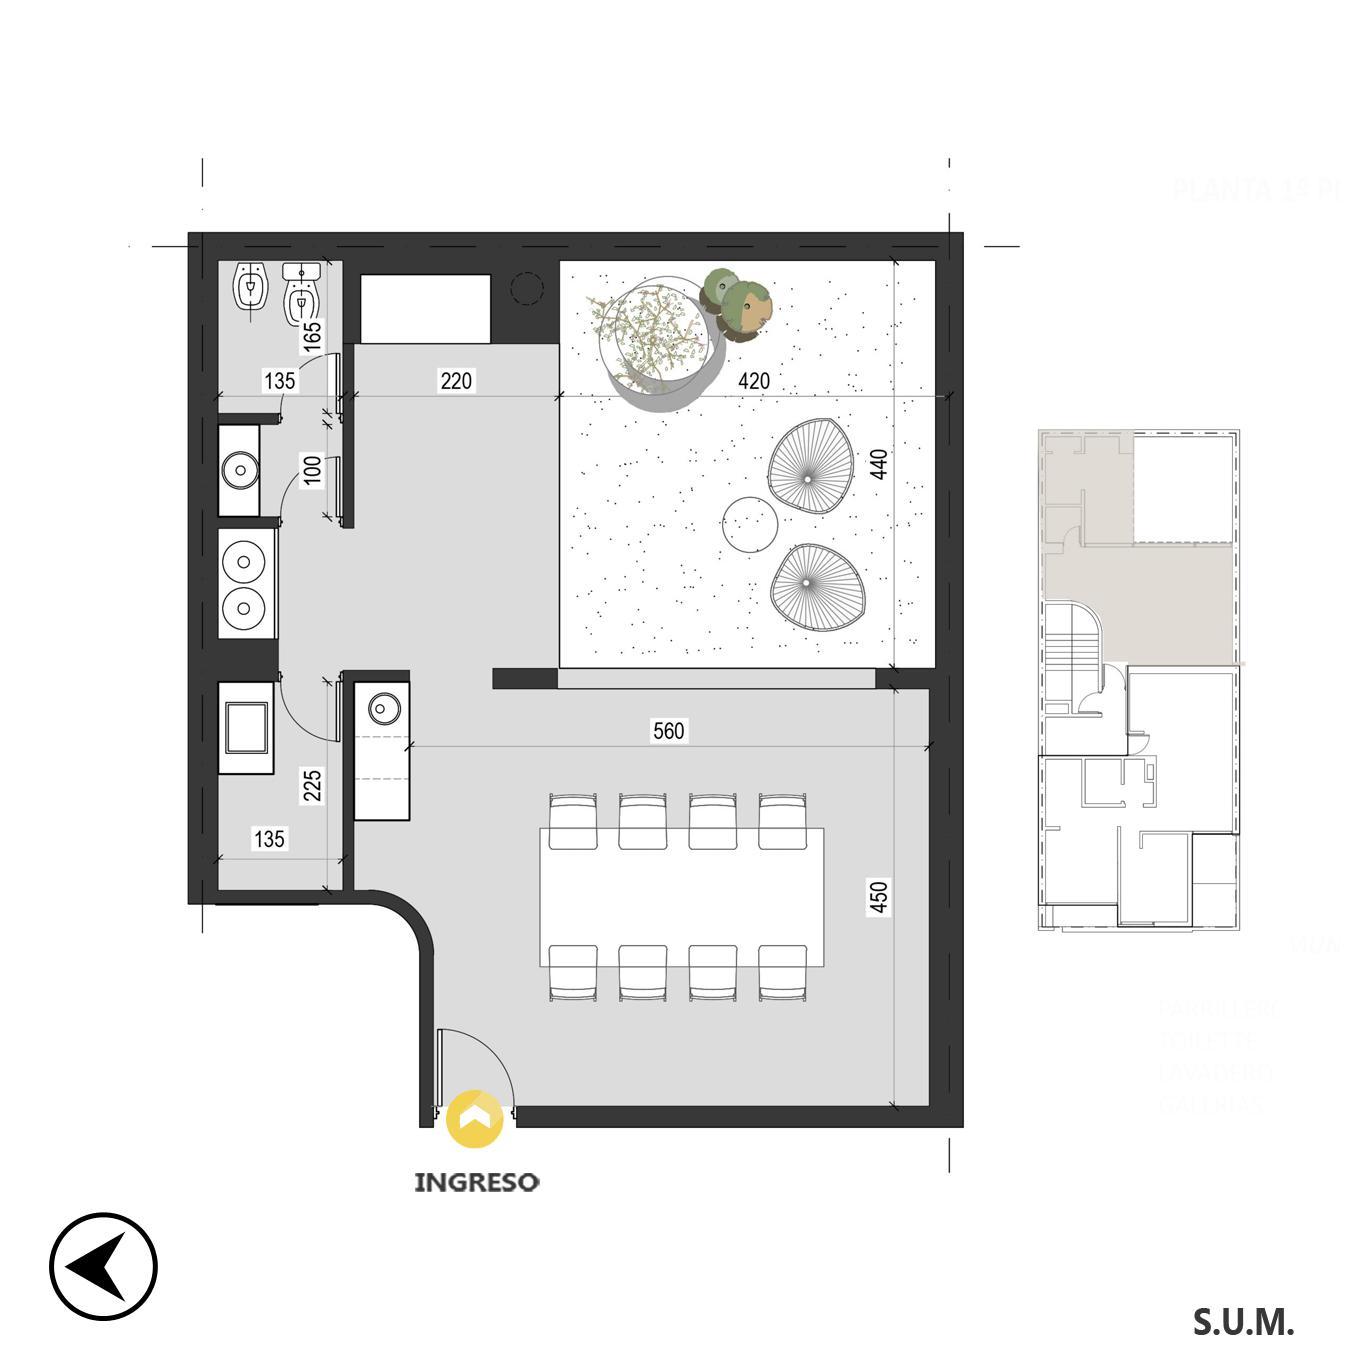 Venta departamento 1 dormitorio Rosario, Pichincha. Cod CBU24211 AP2259260. Crestale Propiedades